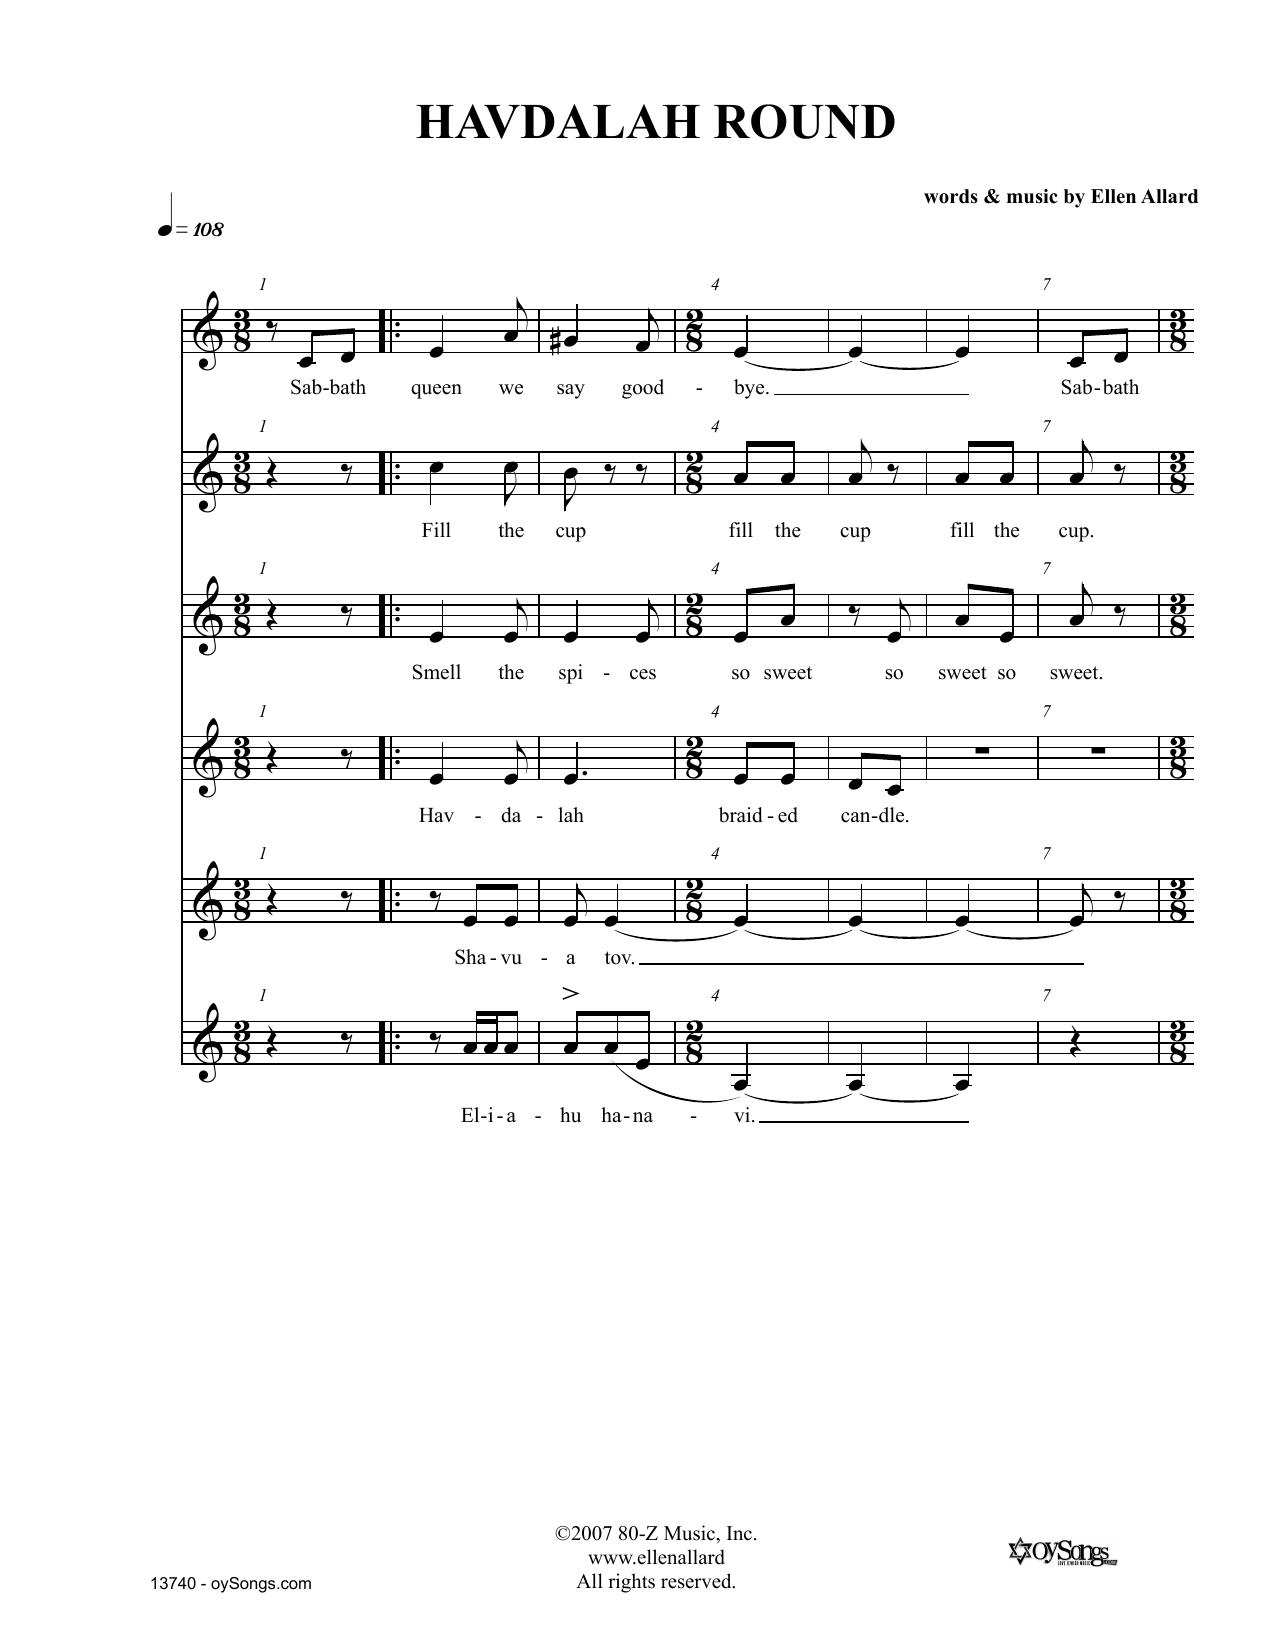 Ellen Allard Havdalah Round sheet music notes and chords. Download Printable PDF.